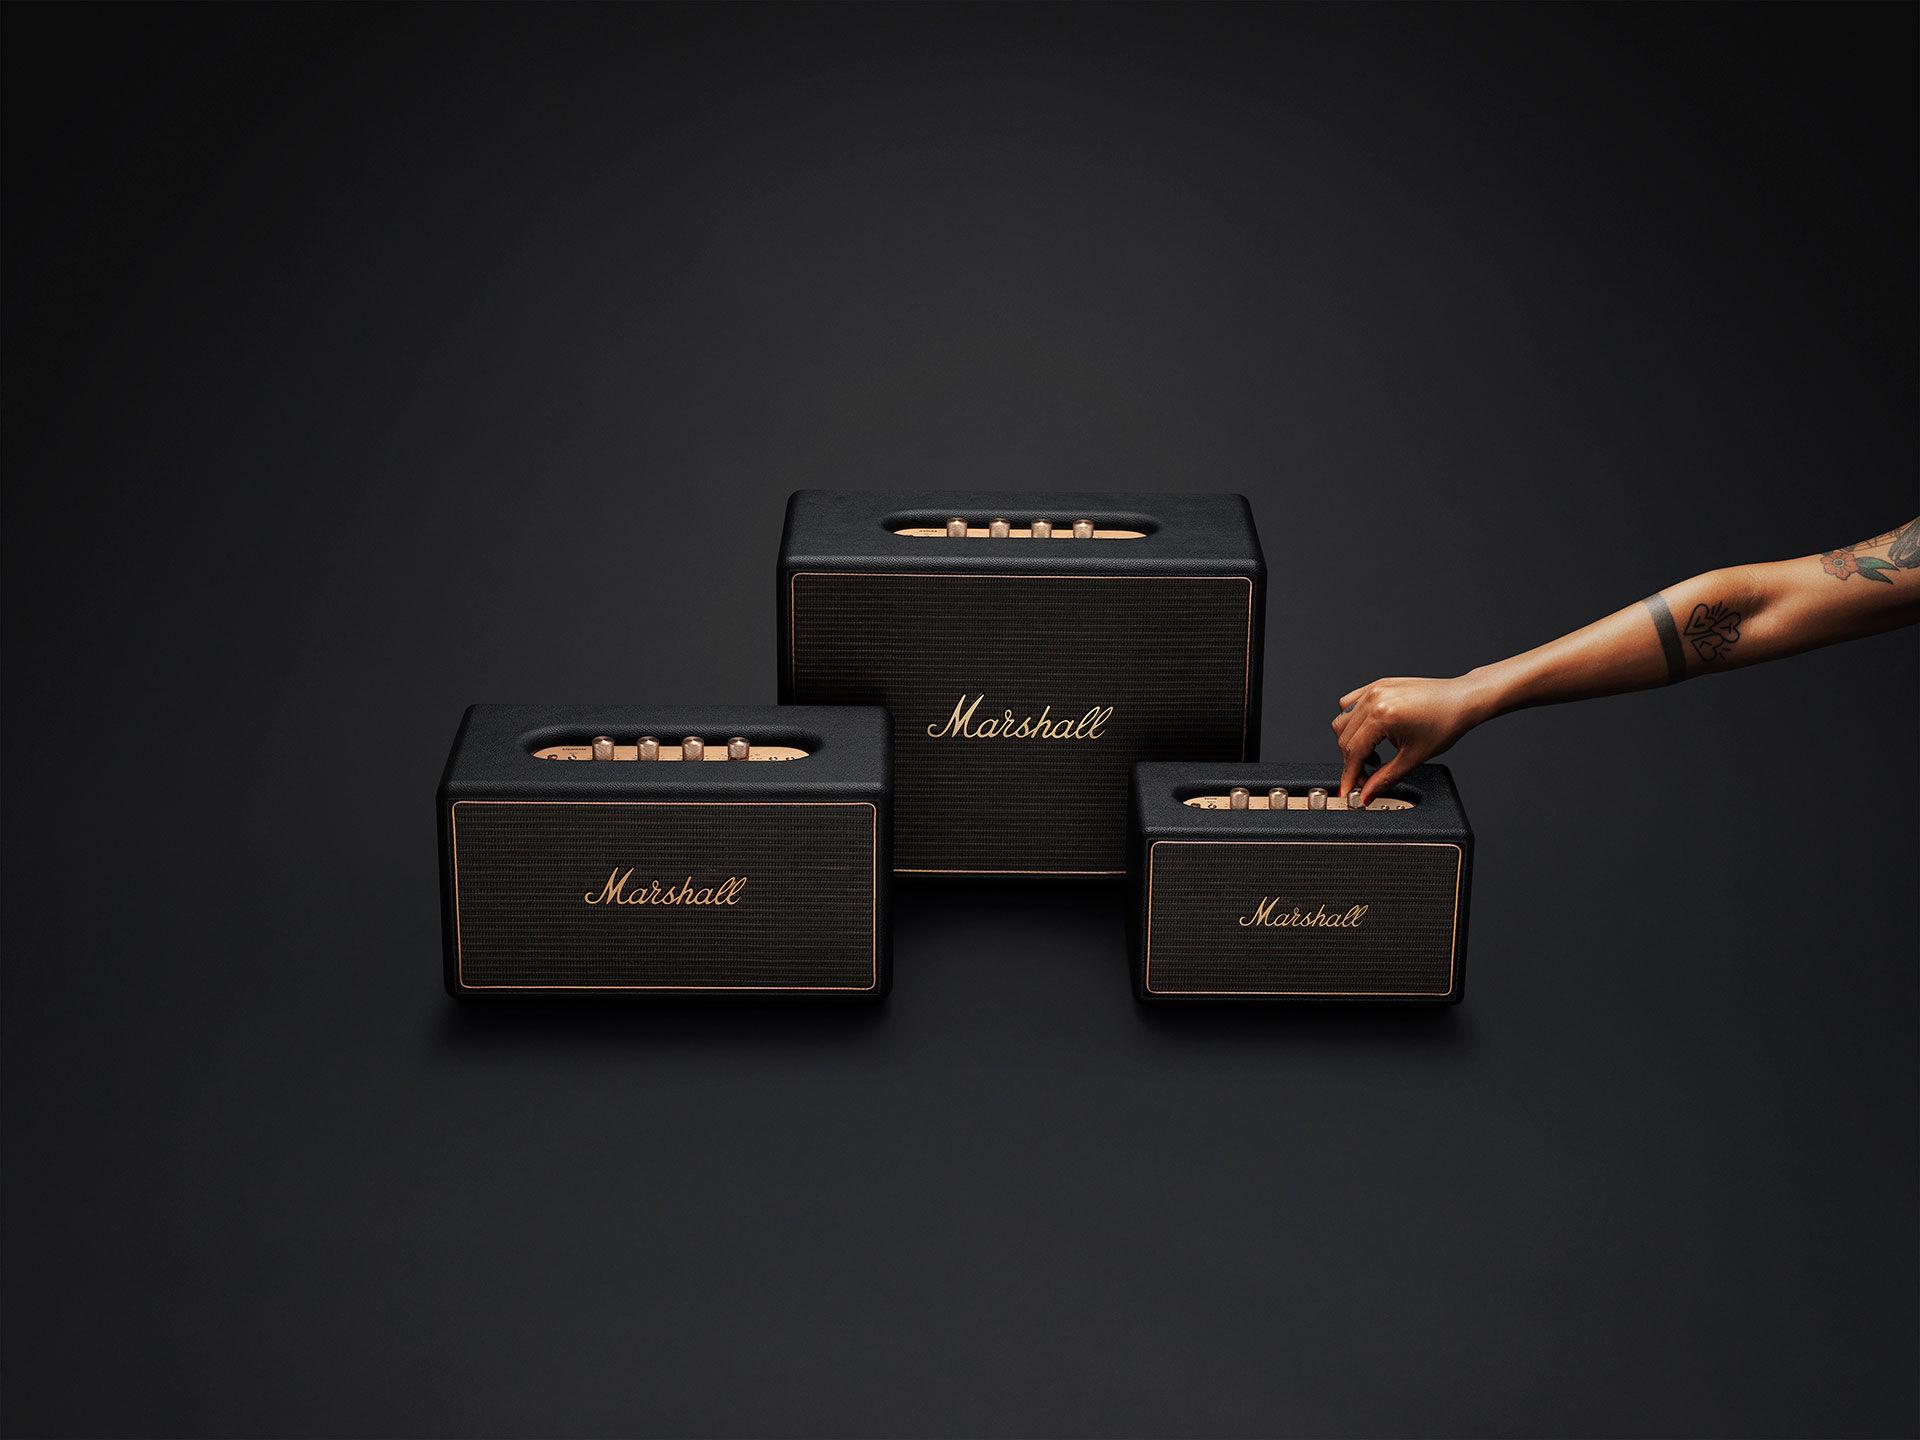 Marshalls högtalare får multiroomstöd